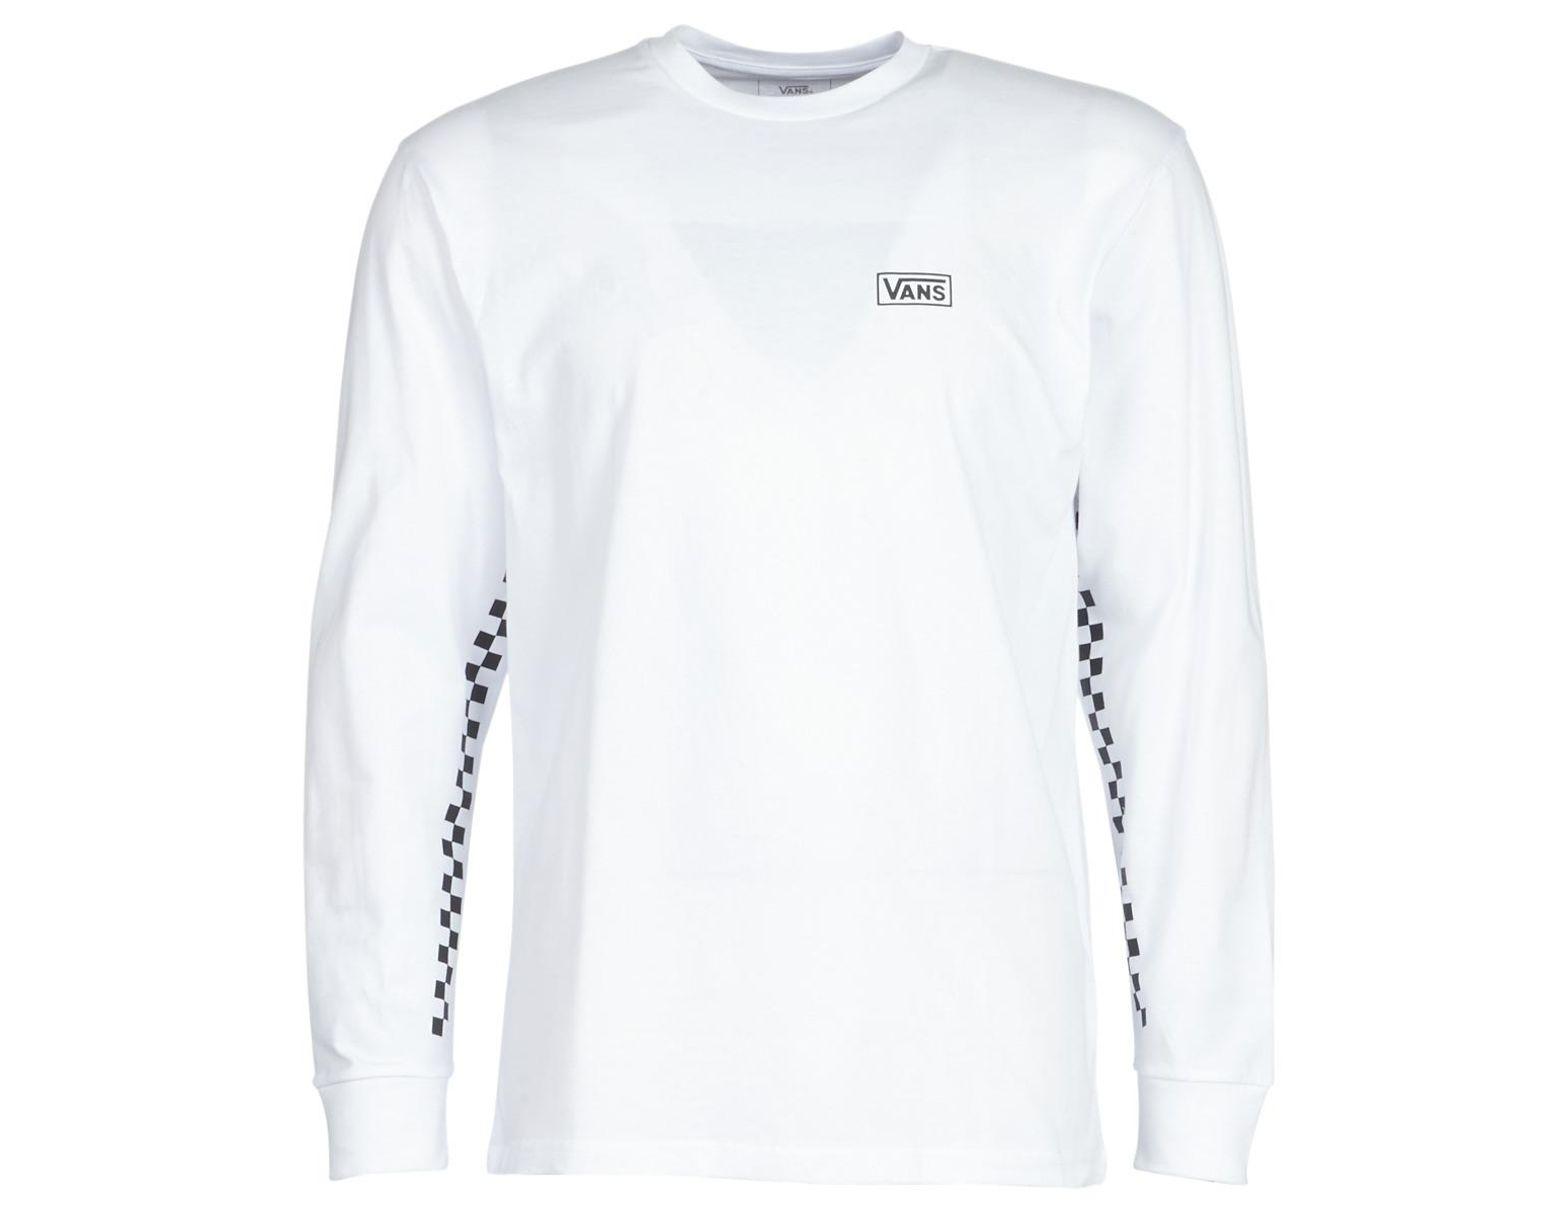 0db47072f95f6 Vans Otw Distort Ls Long Sleeve T-shirt in White for Men - Lyst